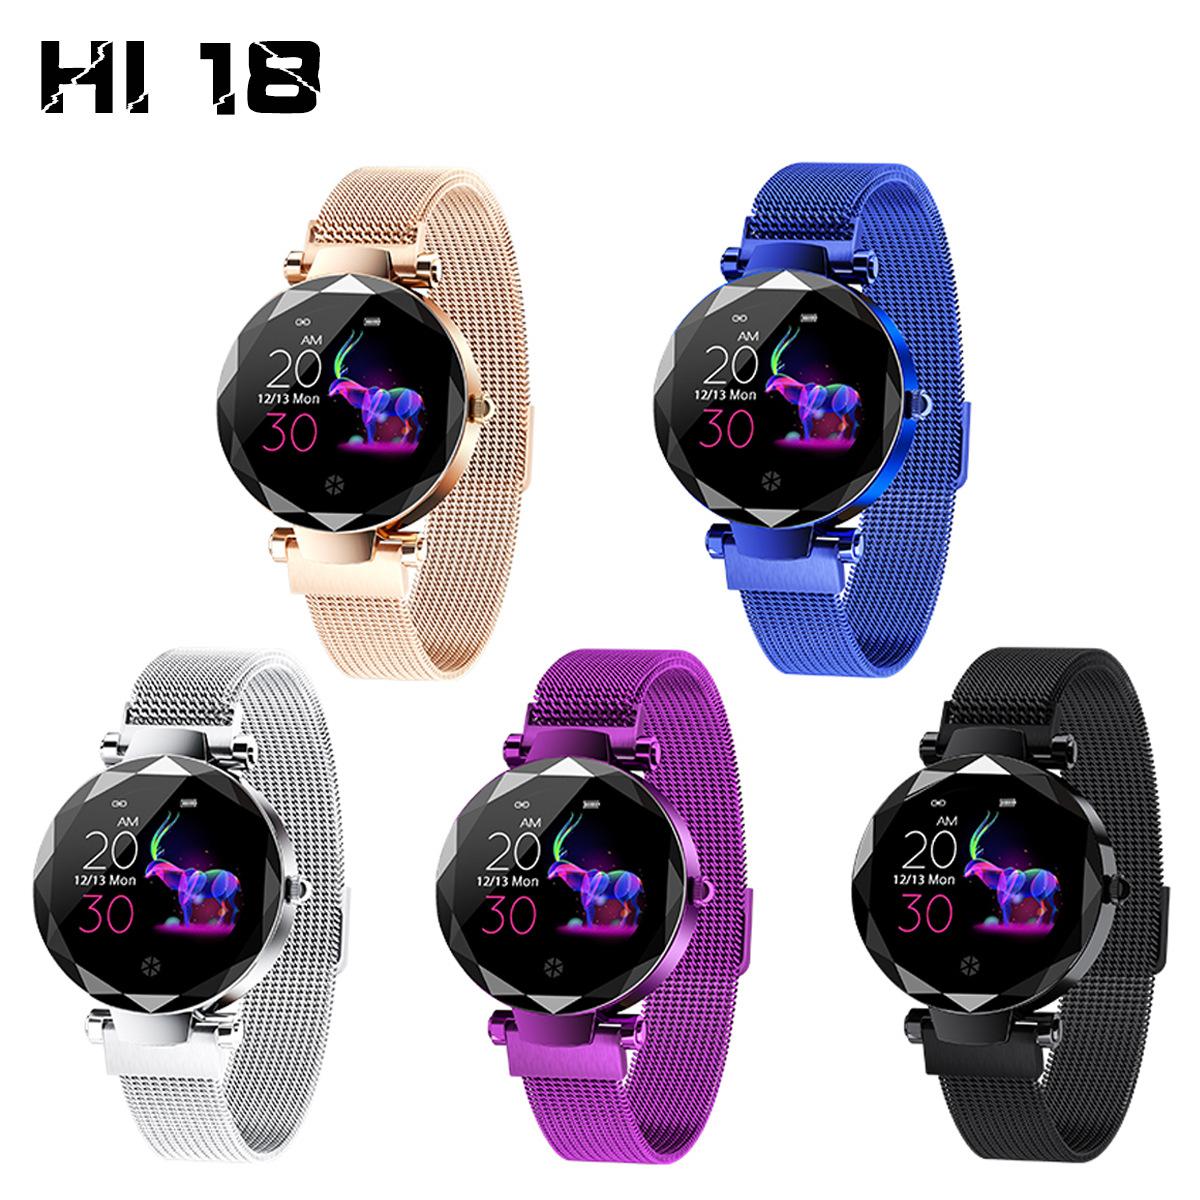 Đồng hồ đeo tay nữ thông minh HI 18  đồng hồ sinh lý nhịp tim huyết áp đa chế độ